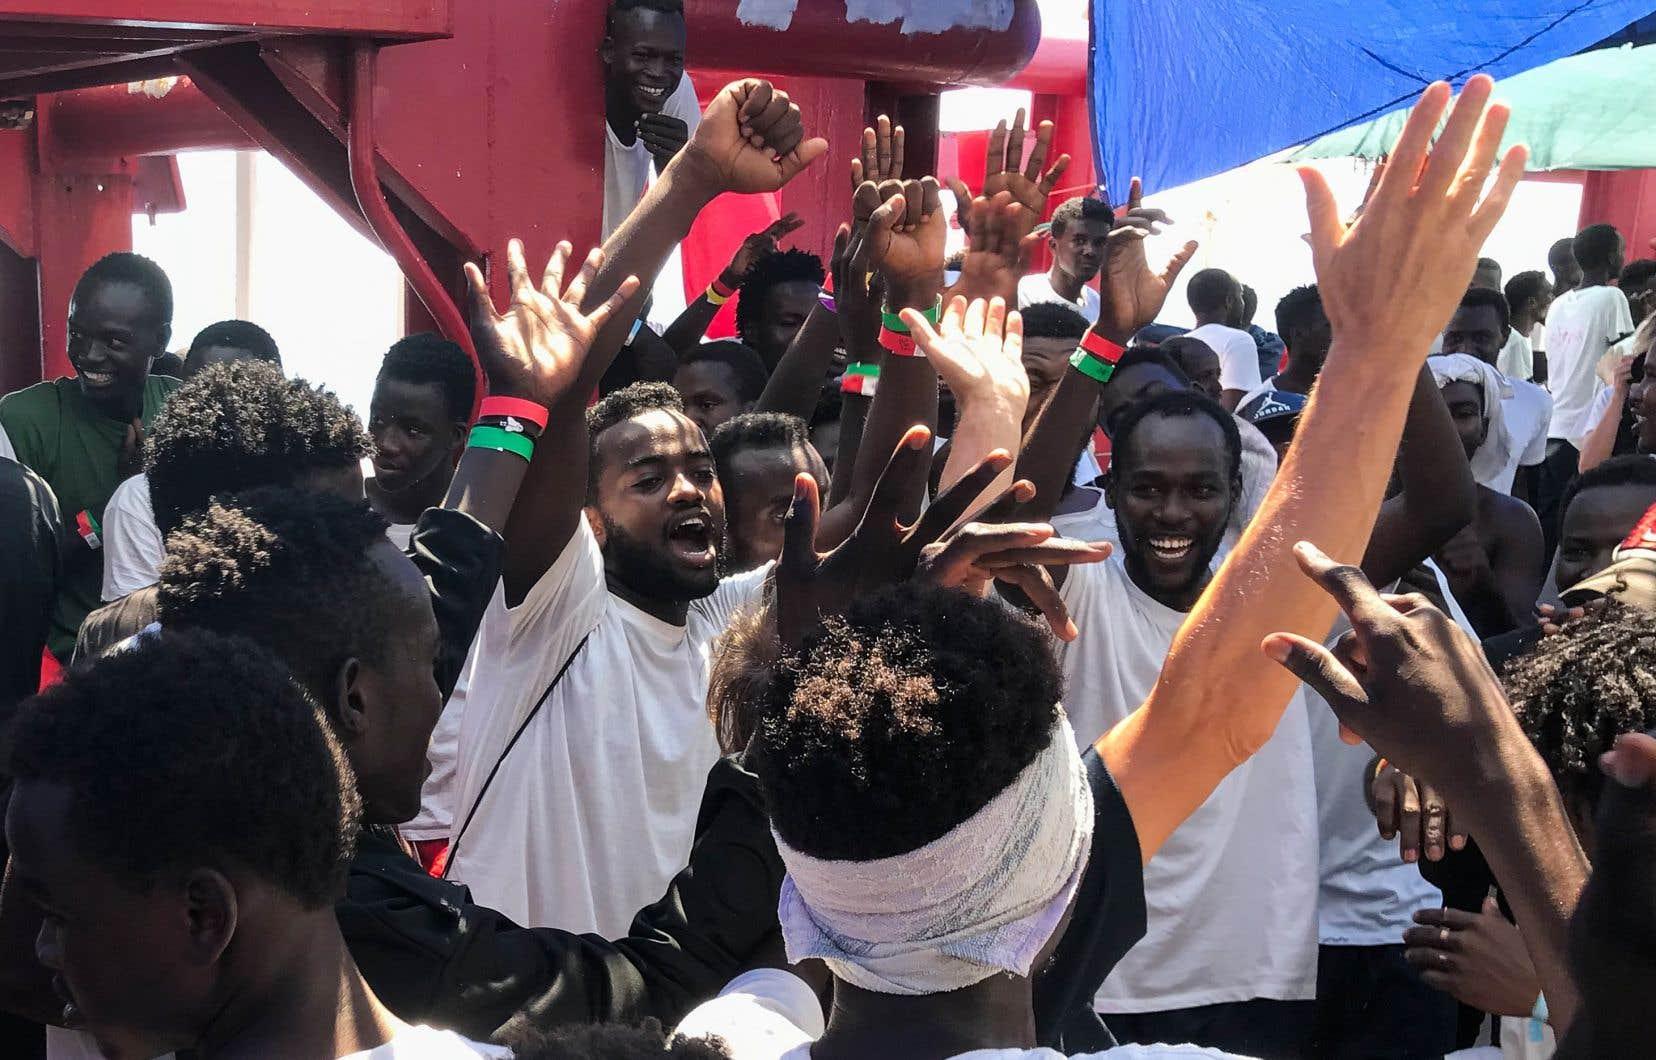 Les rescapés africains ont hurlé de joie en apprenant qu'ils étaient finalement autorisés à débarquer à Malte.